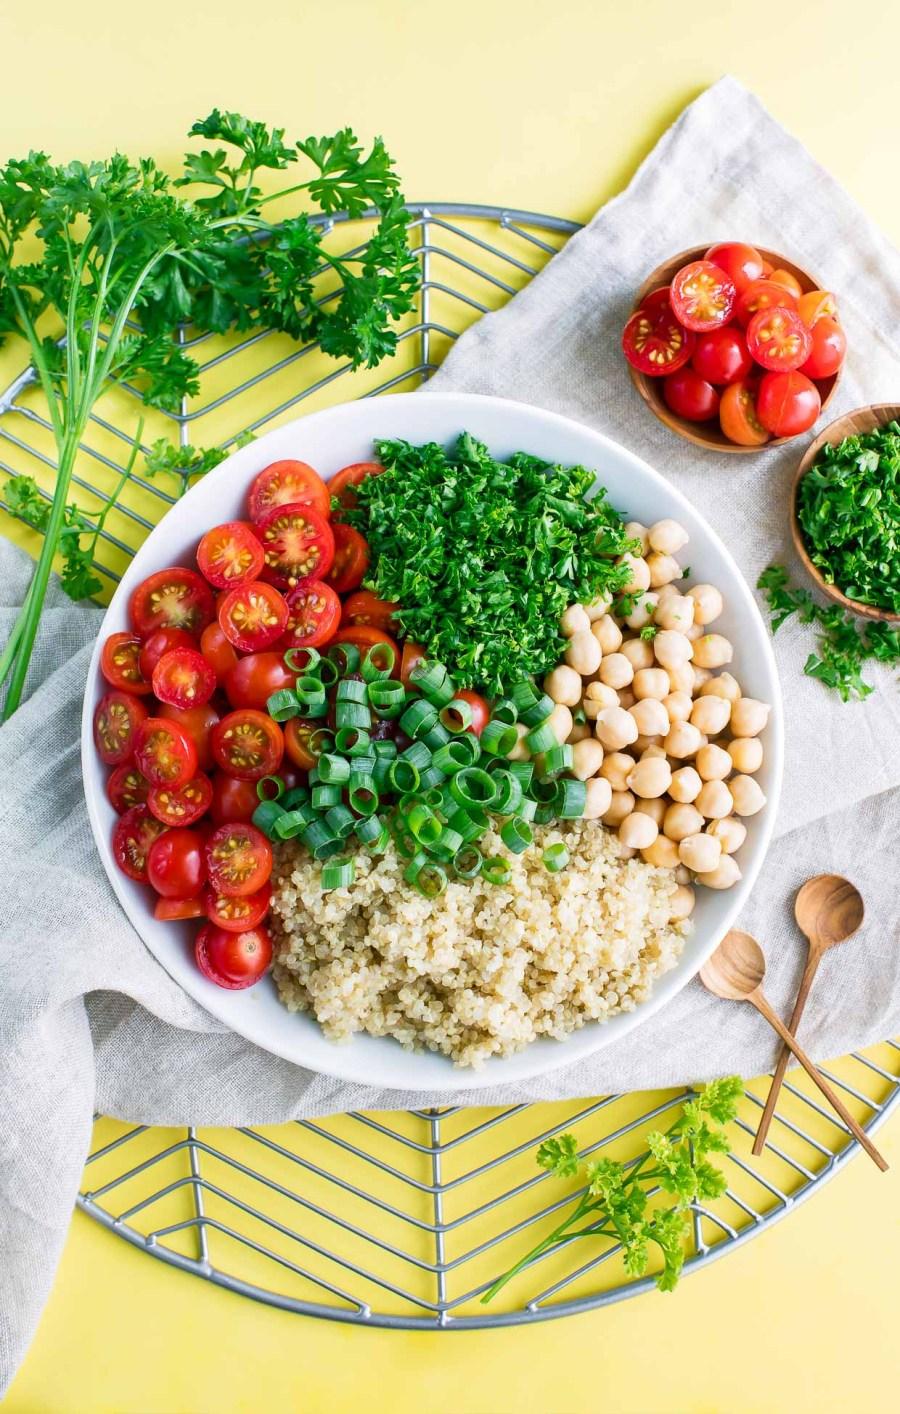 Tomato Quinoa Salad Ingredients